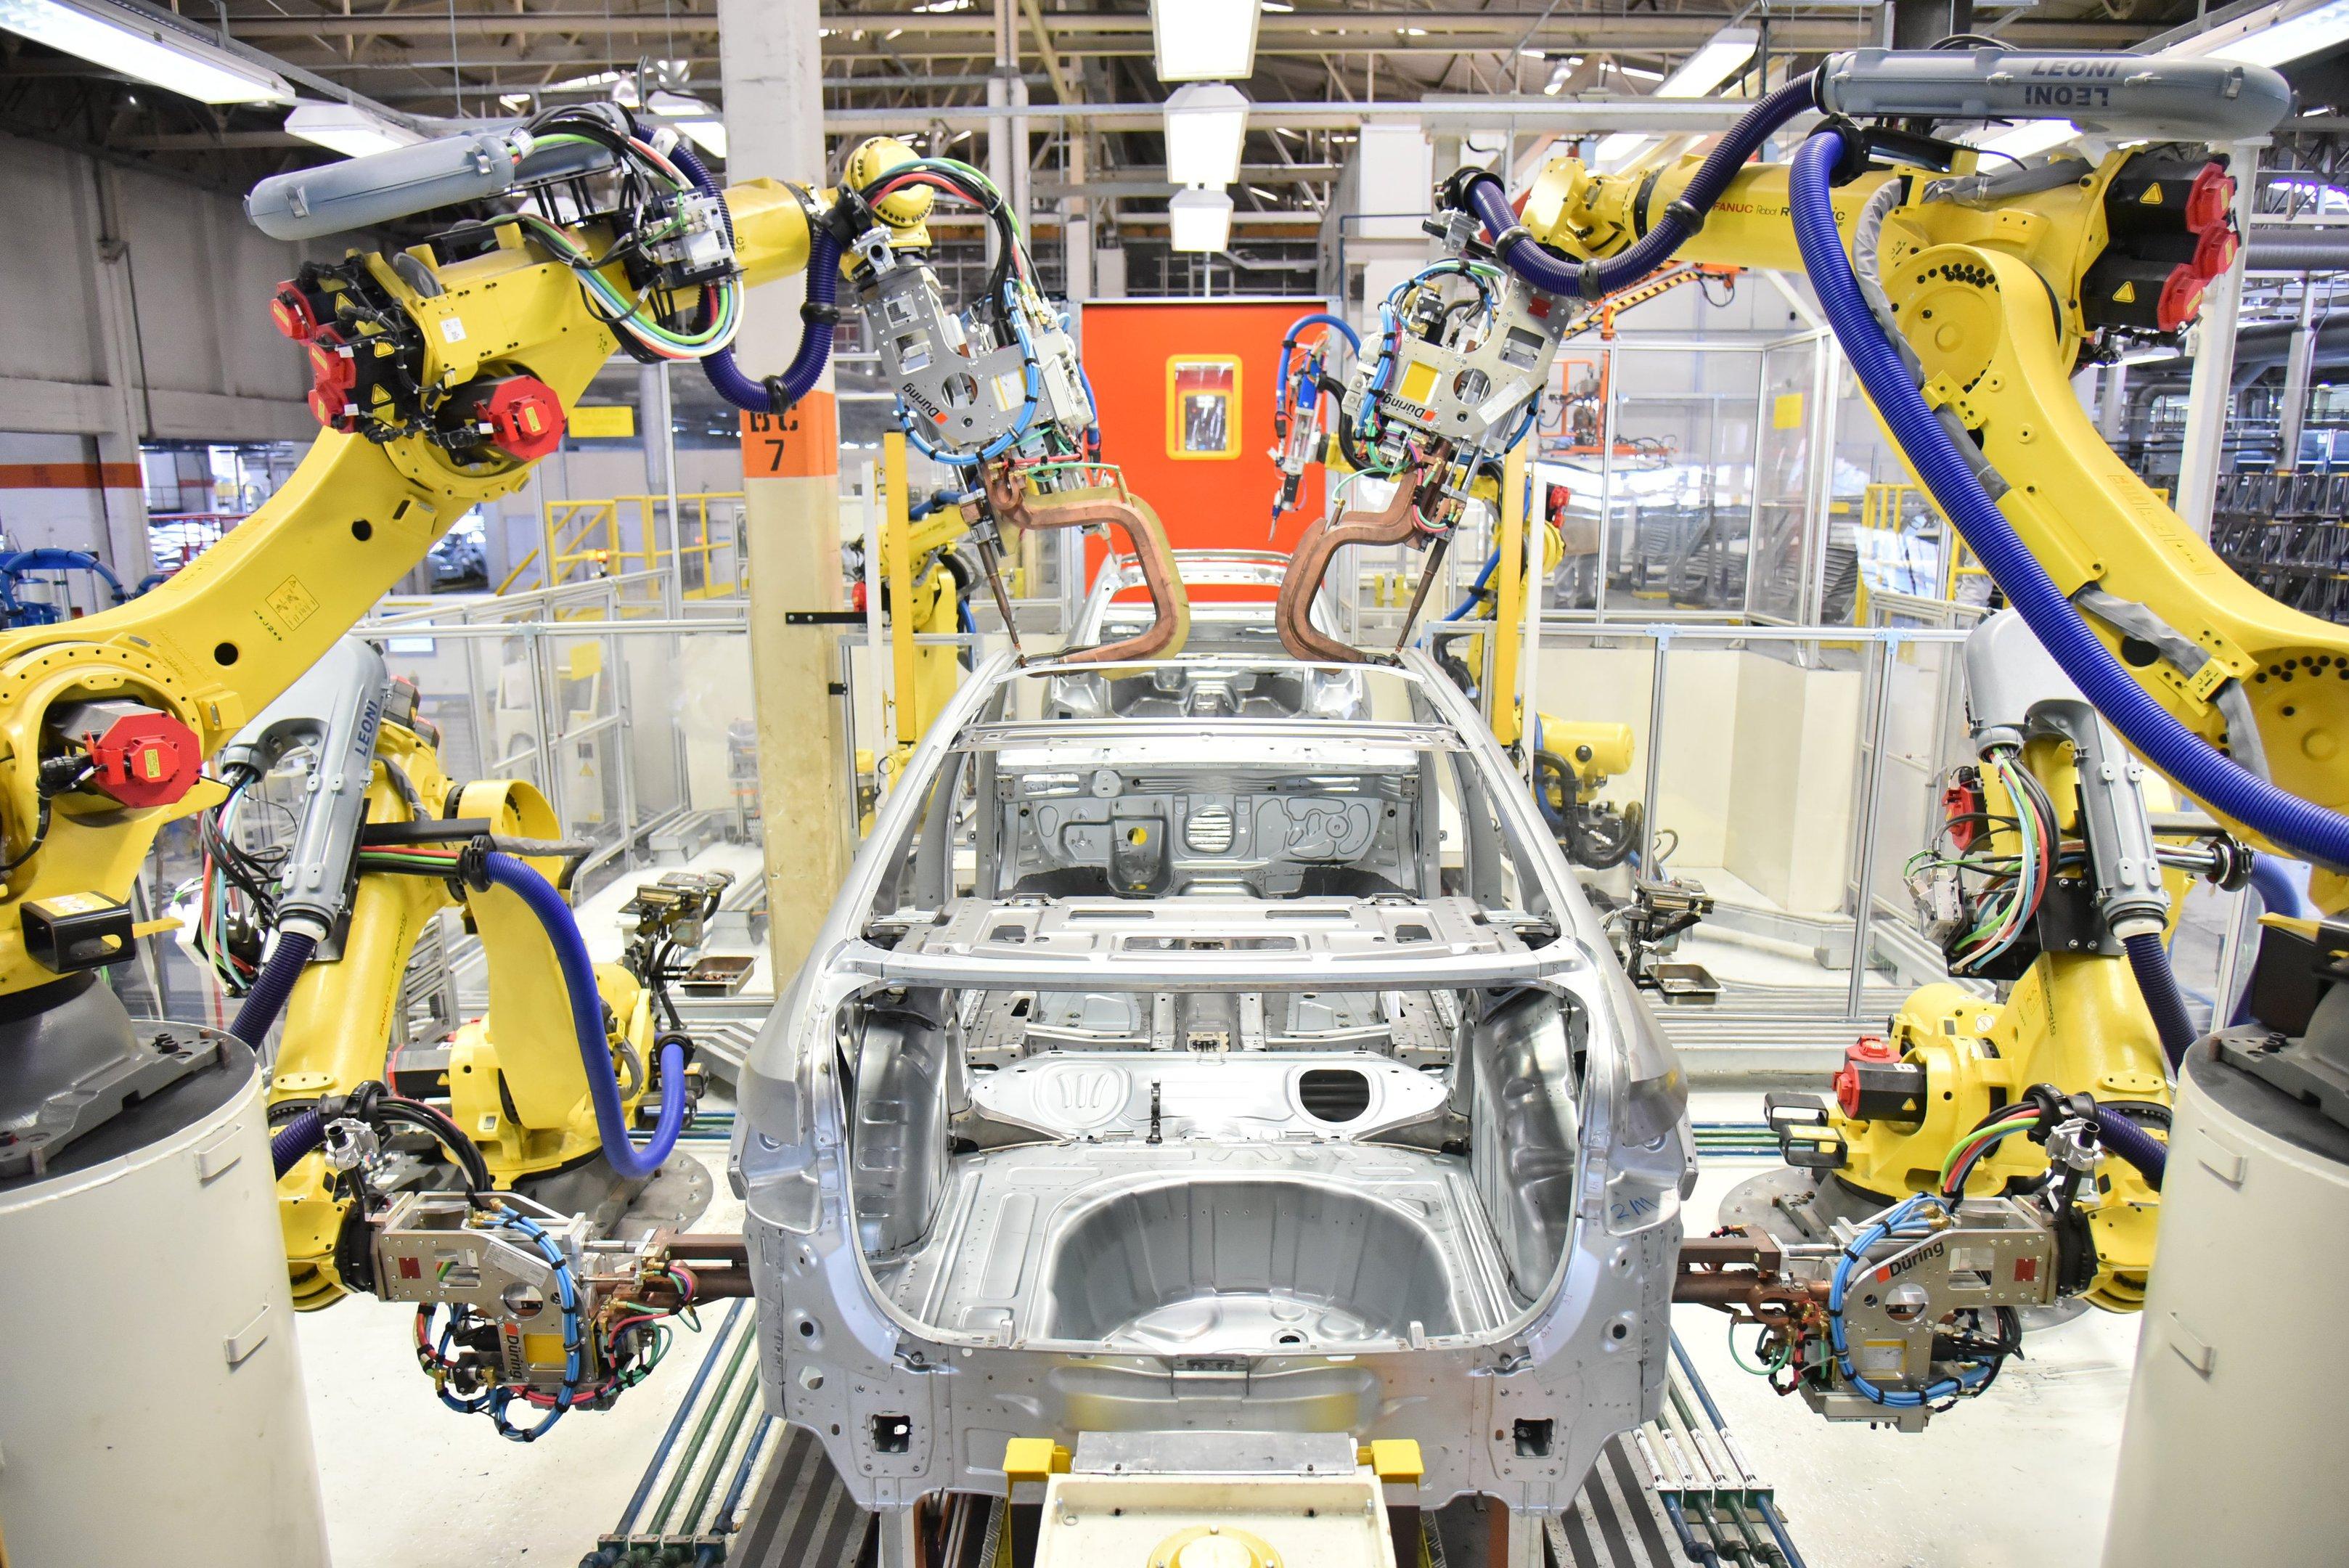 A montadora alemã irá produzir modelo projetado no Brasil em outras regiões